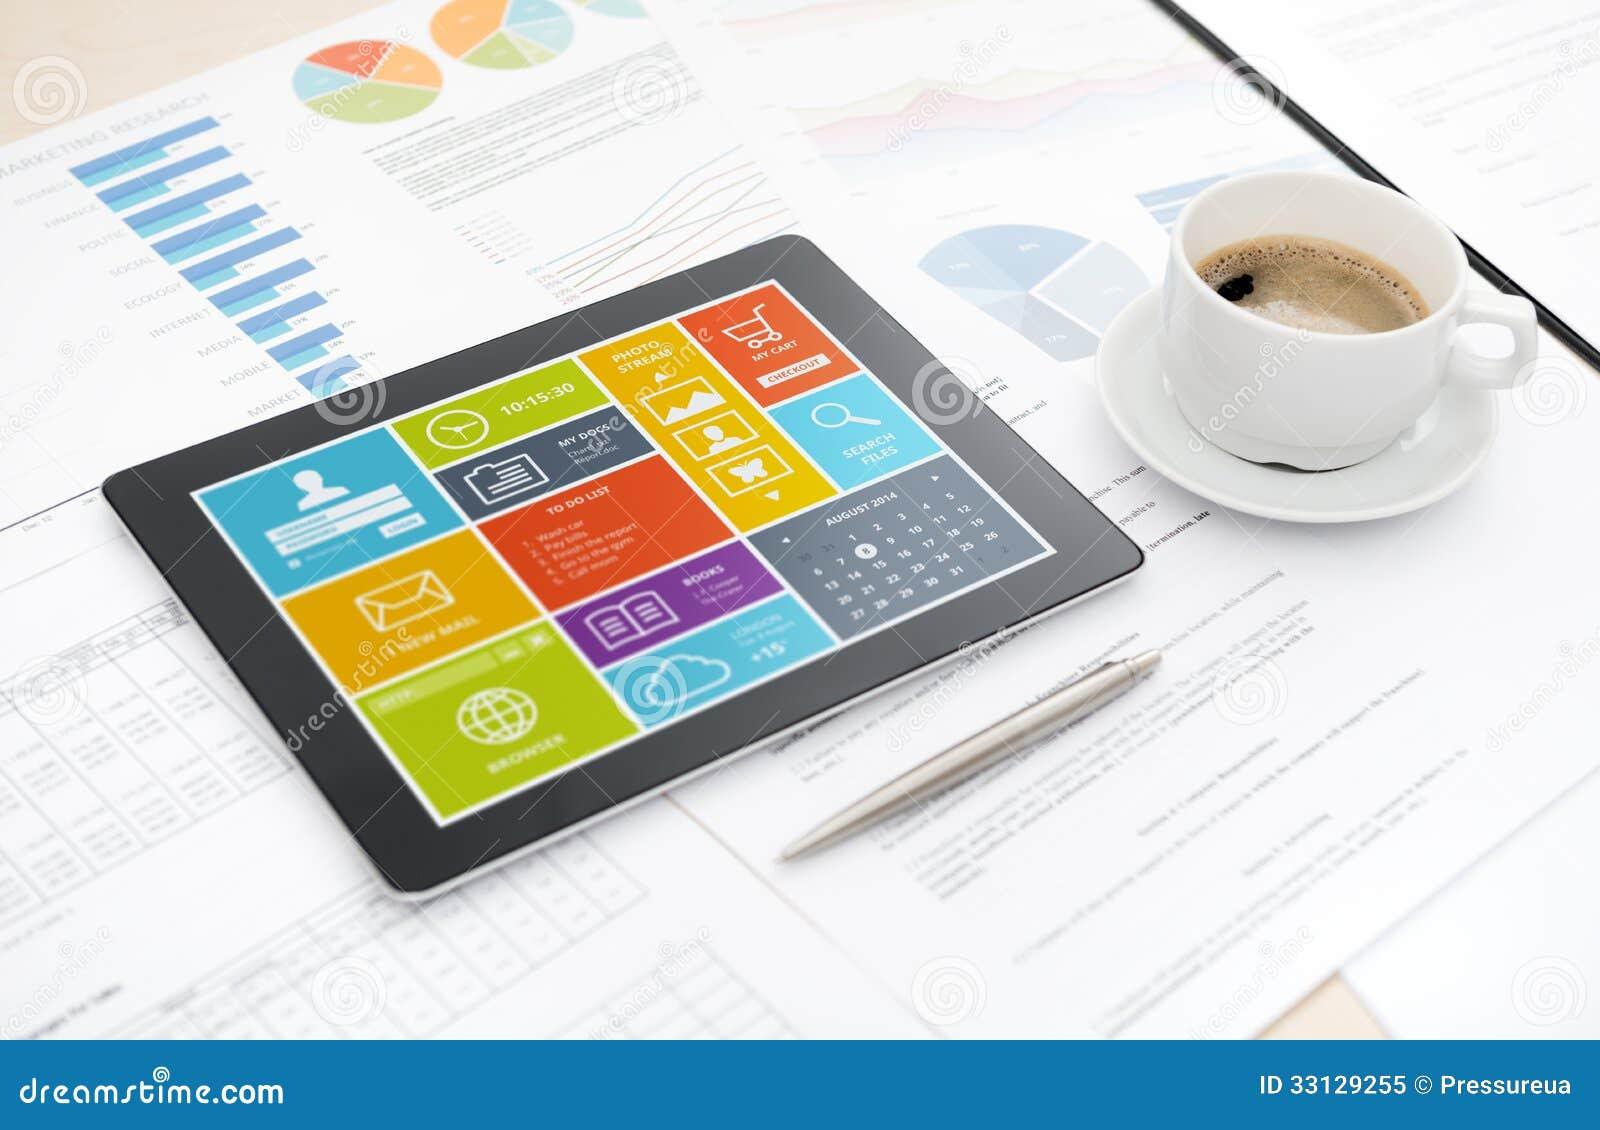 Modern Digital Tablet On Office Desk Stock Image - Image of